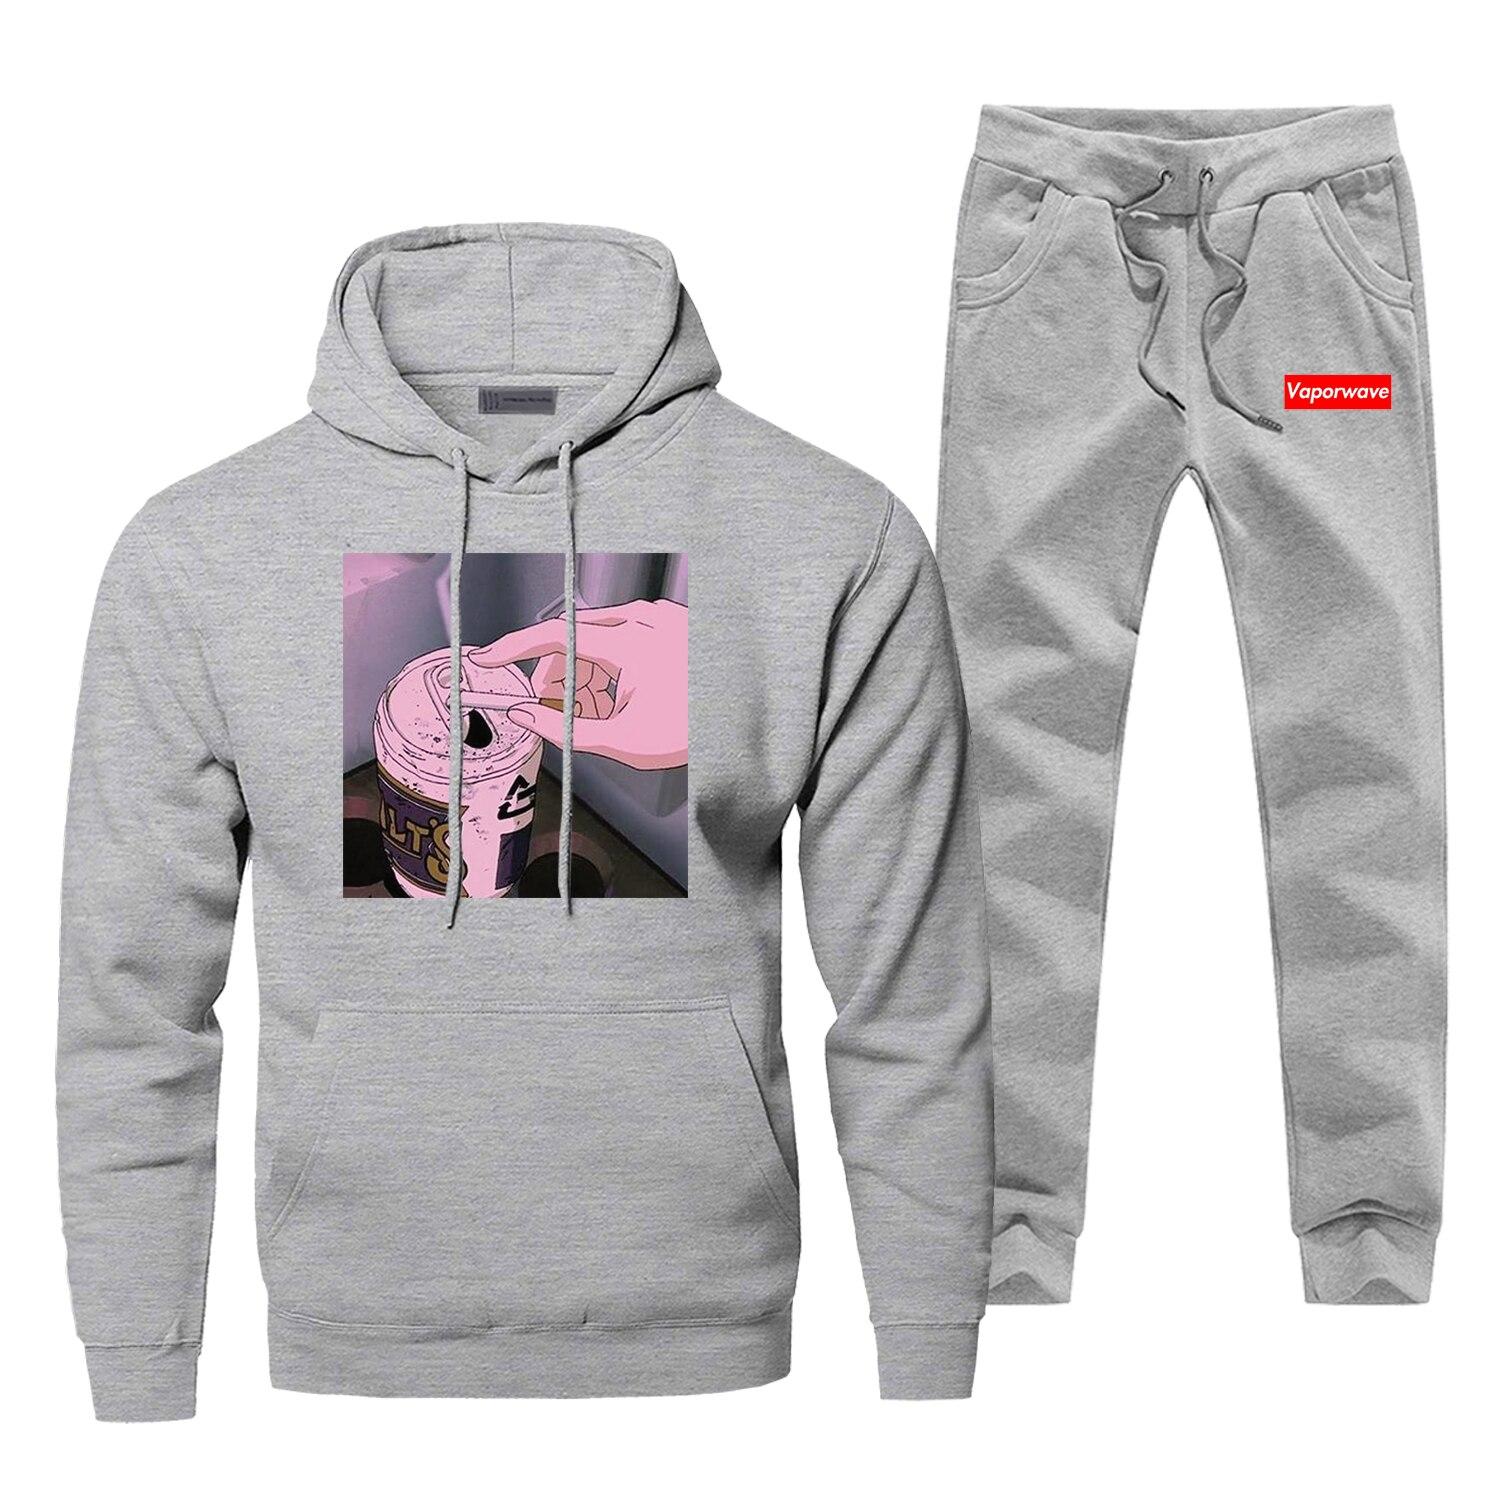 Hoodies Vaporwave Pants Set Men Hoodie Japanese Anime Sweatshirt Mens Hoodies Pollover 2 Piece Set Streetwear Male Sweatshirts